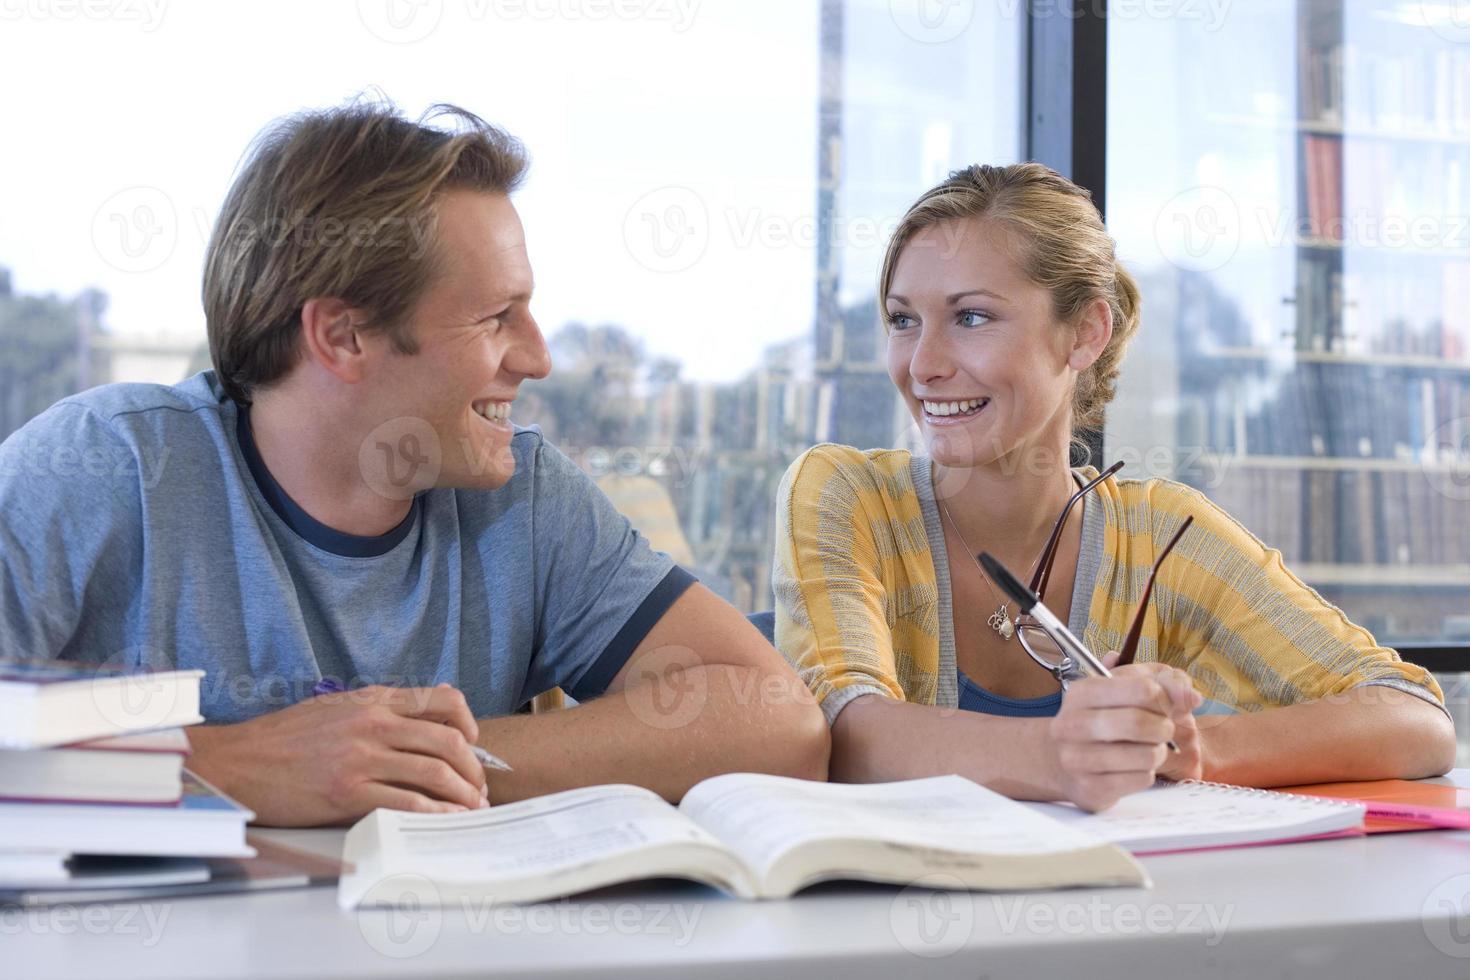 Mann und Frau am Schreibtisch studieren sich gegenseitig, Nahaufnahme foto